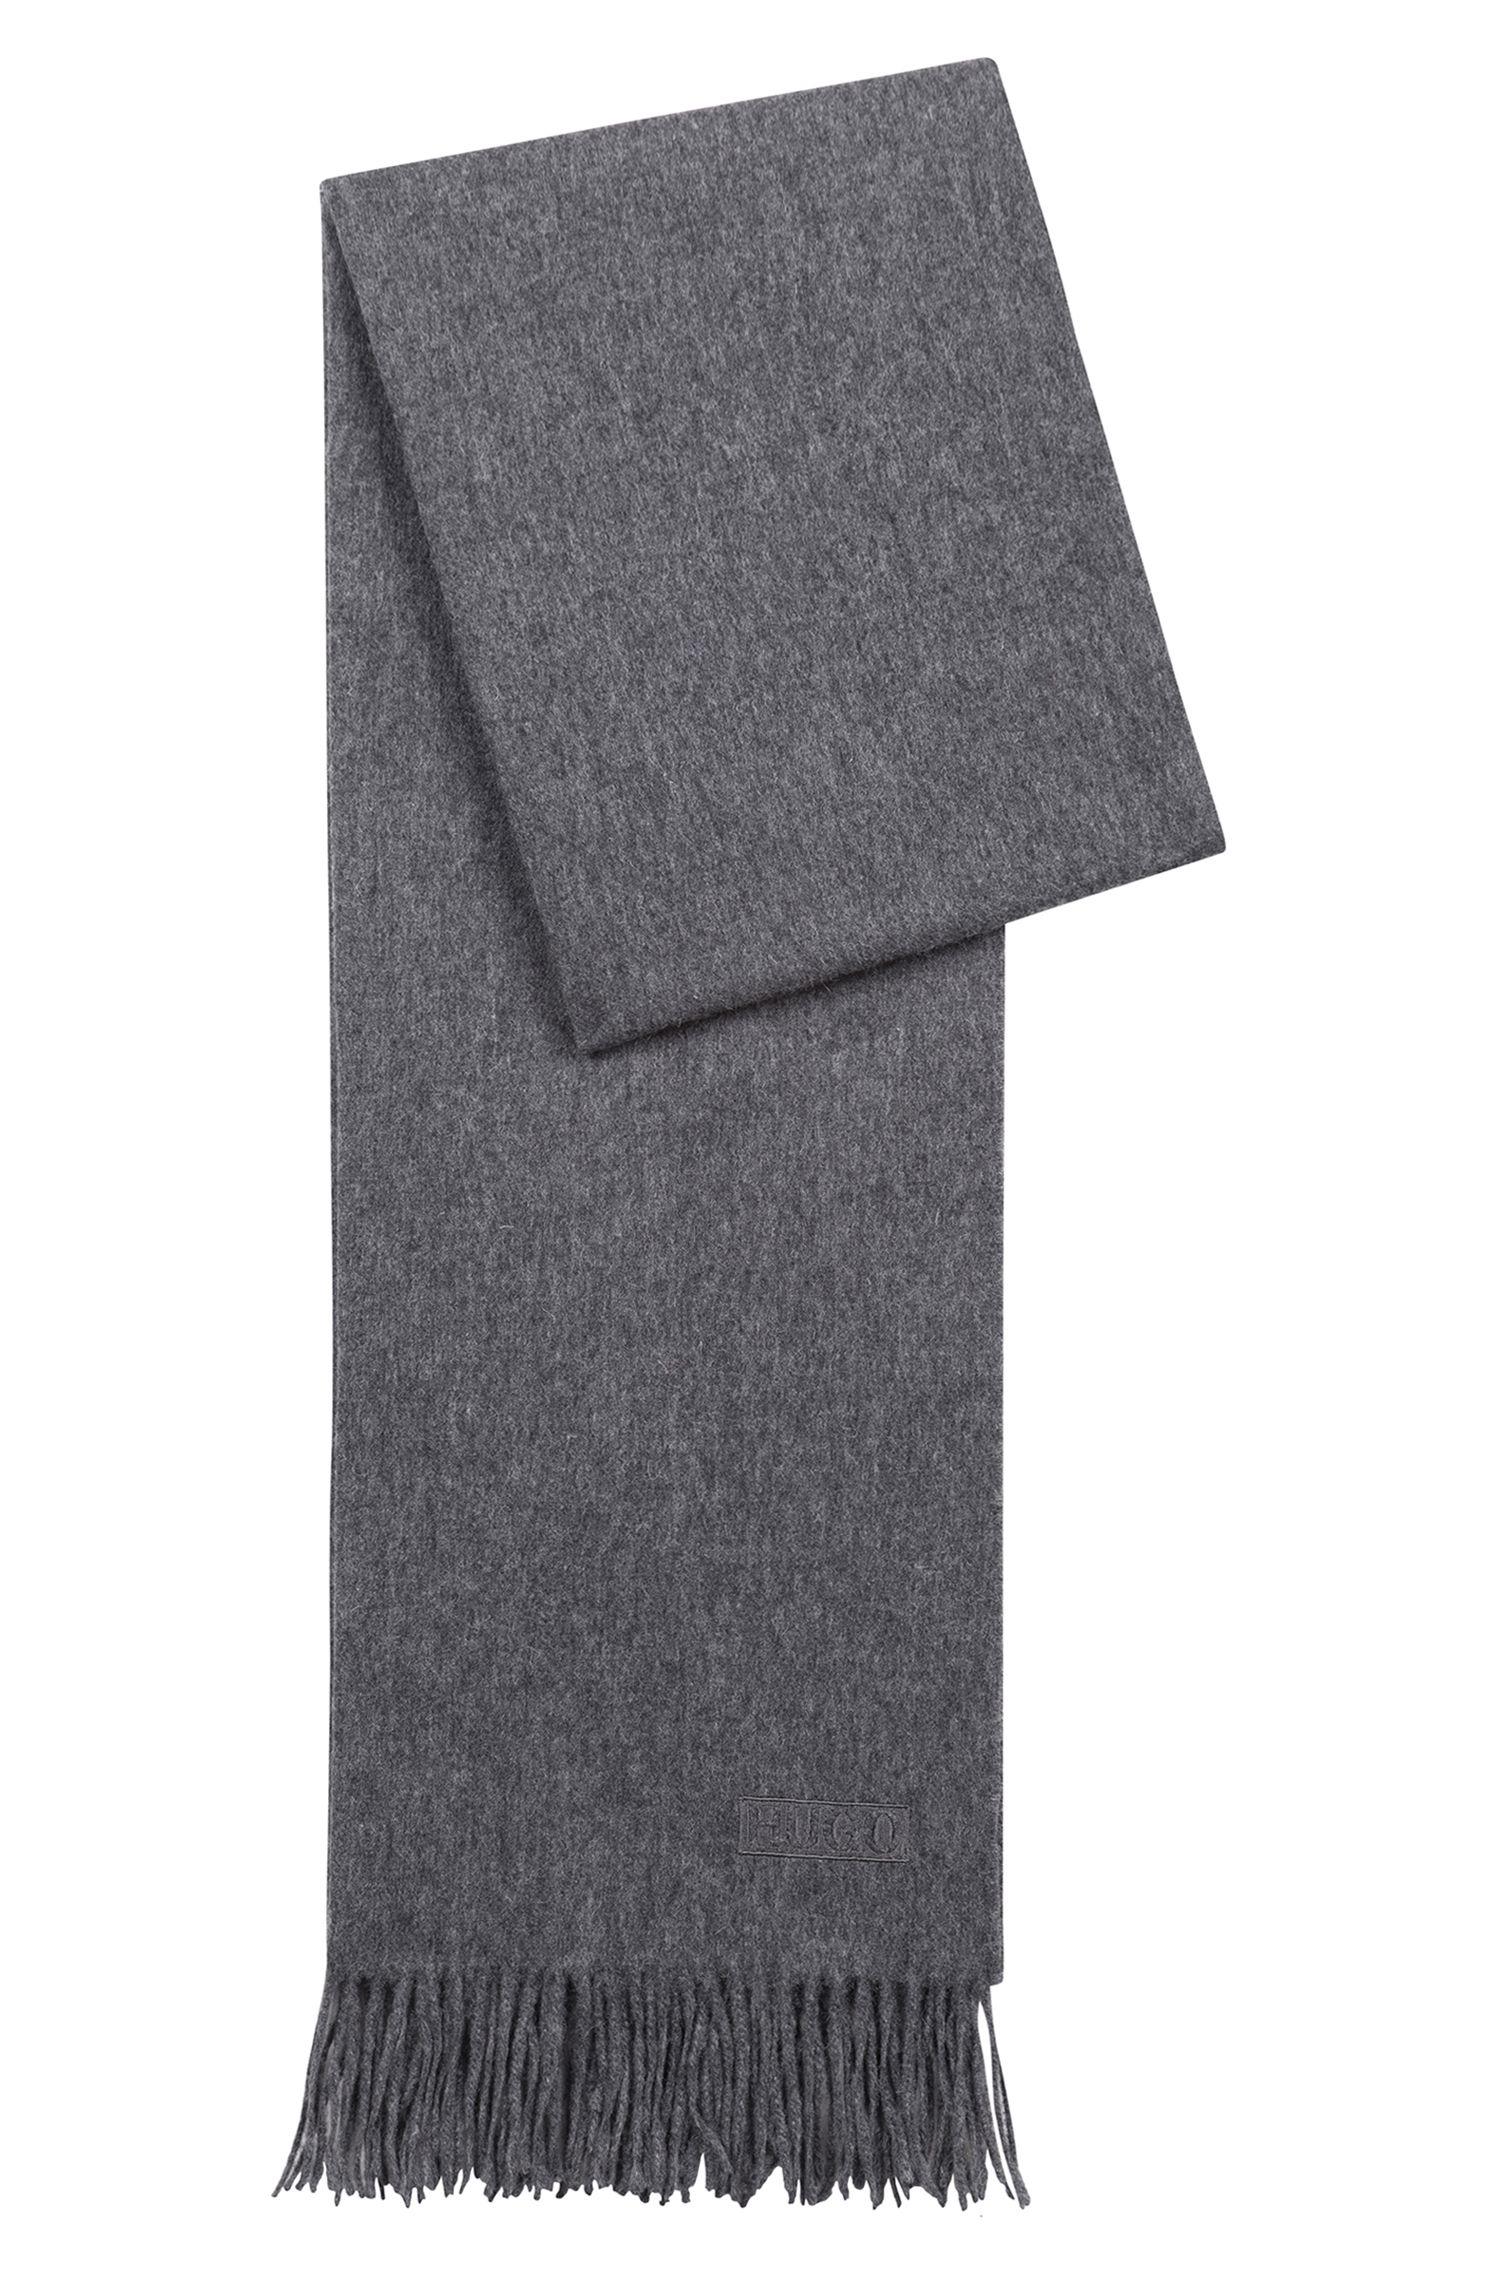 Leggera sciarpa in lana spazzolata